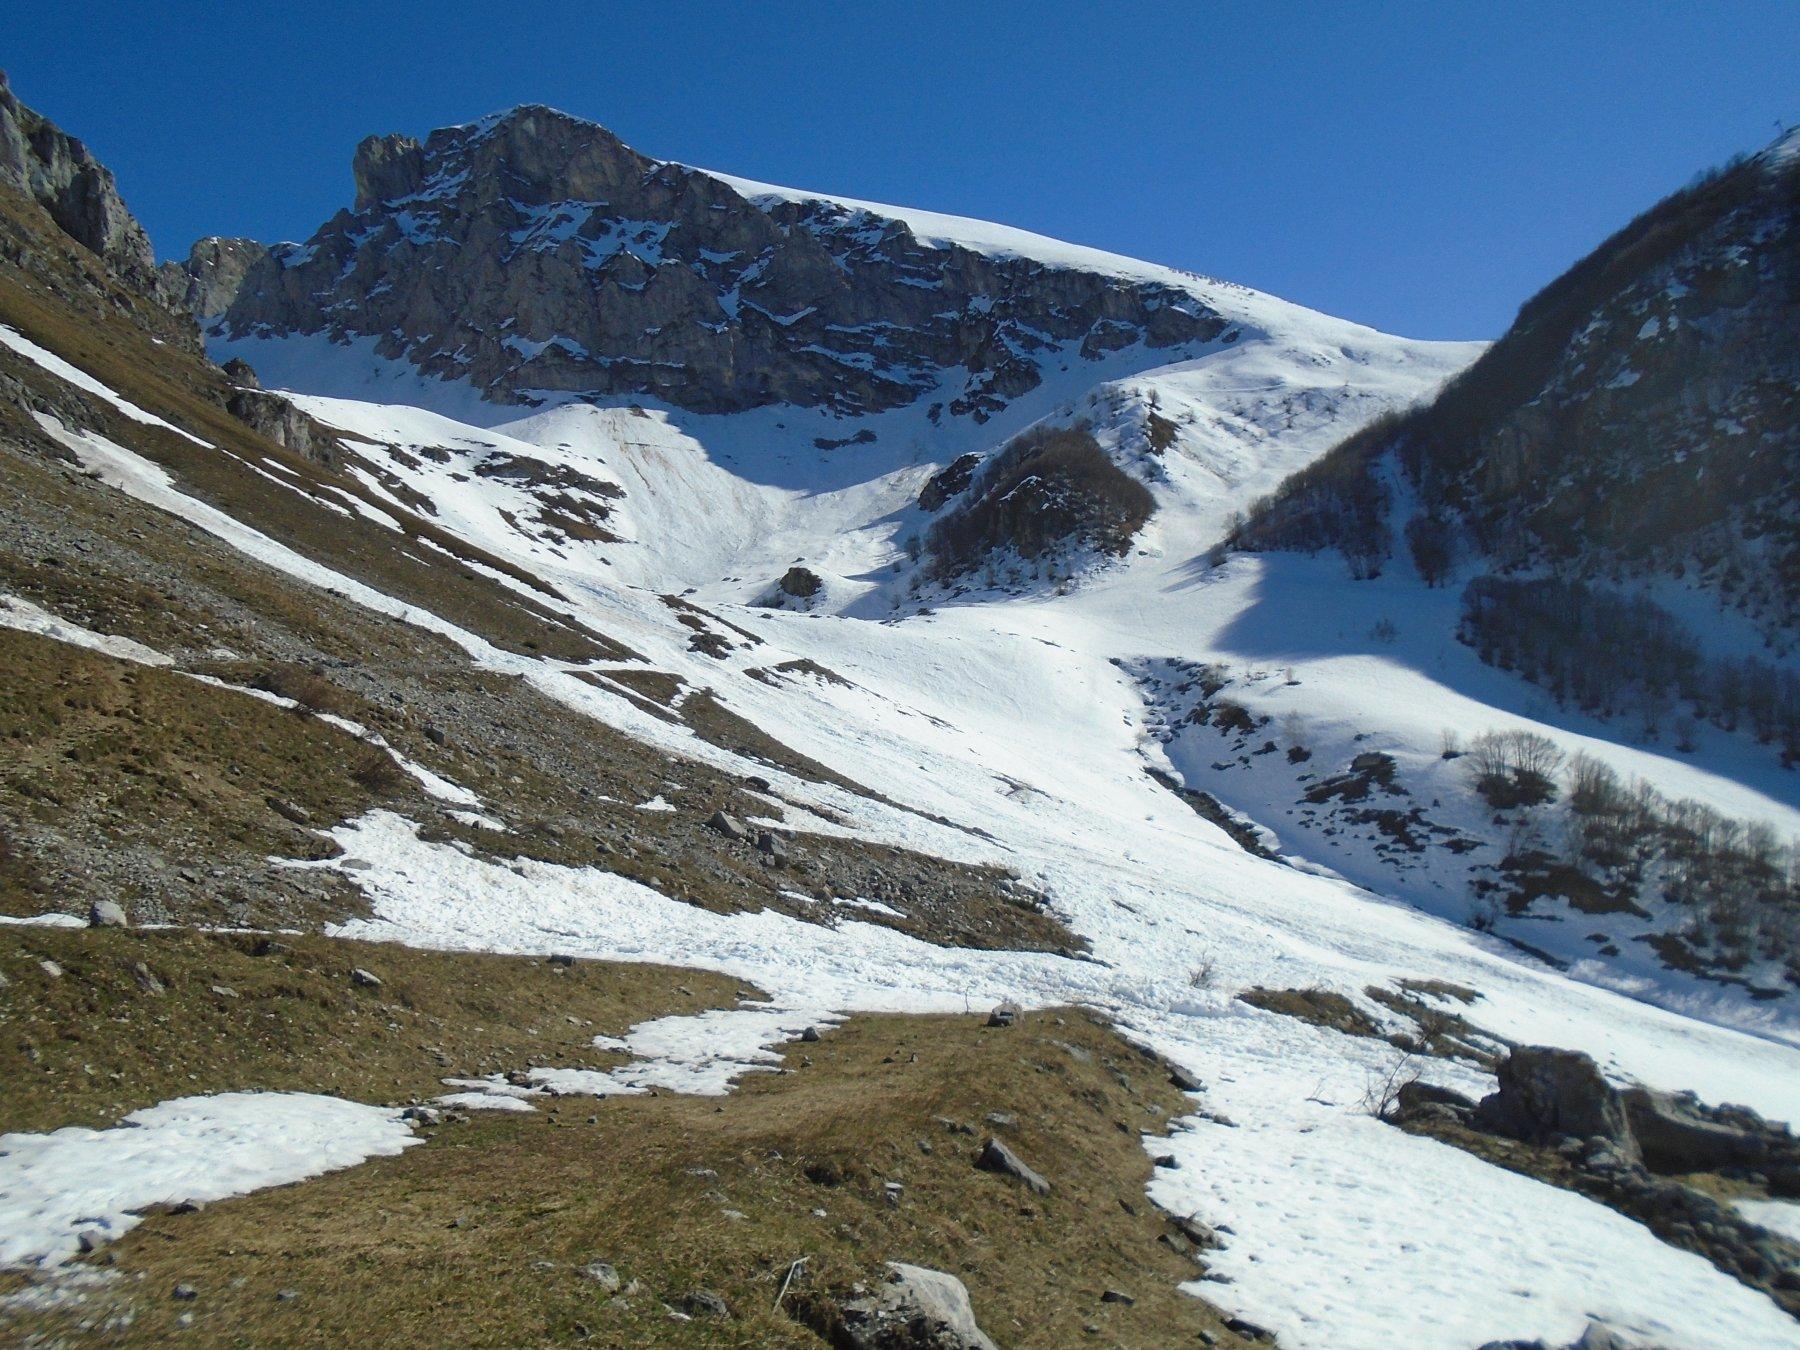 La breve mancanza di neve sul traverso per la parte superiore